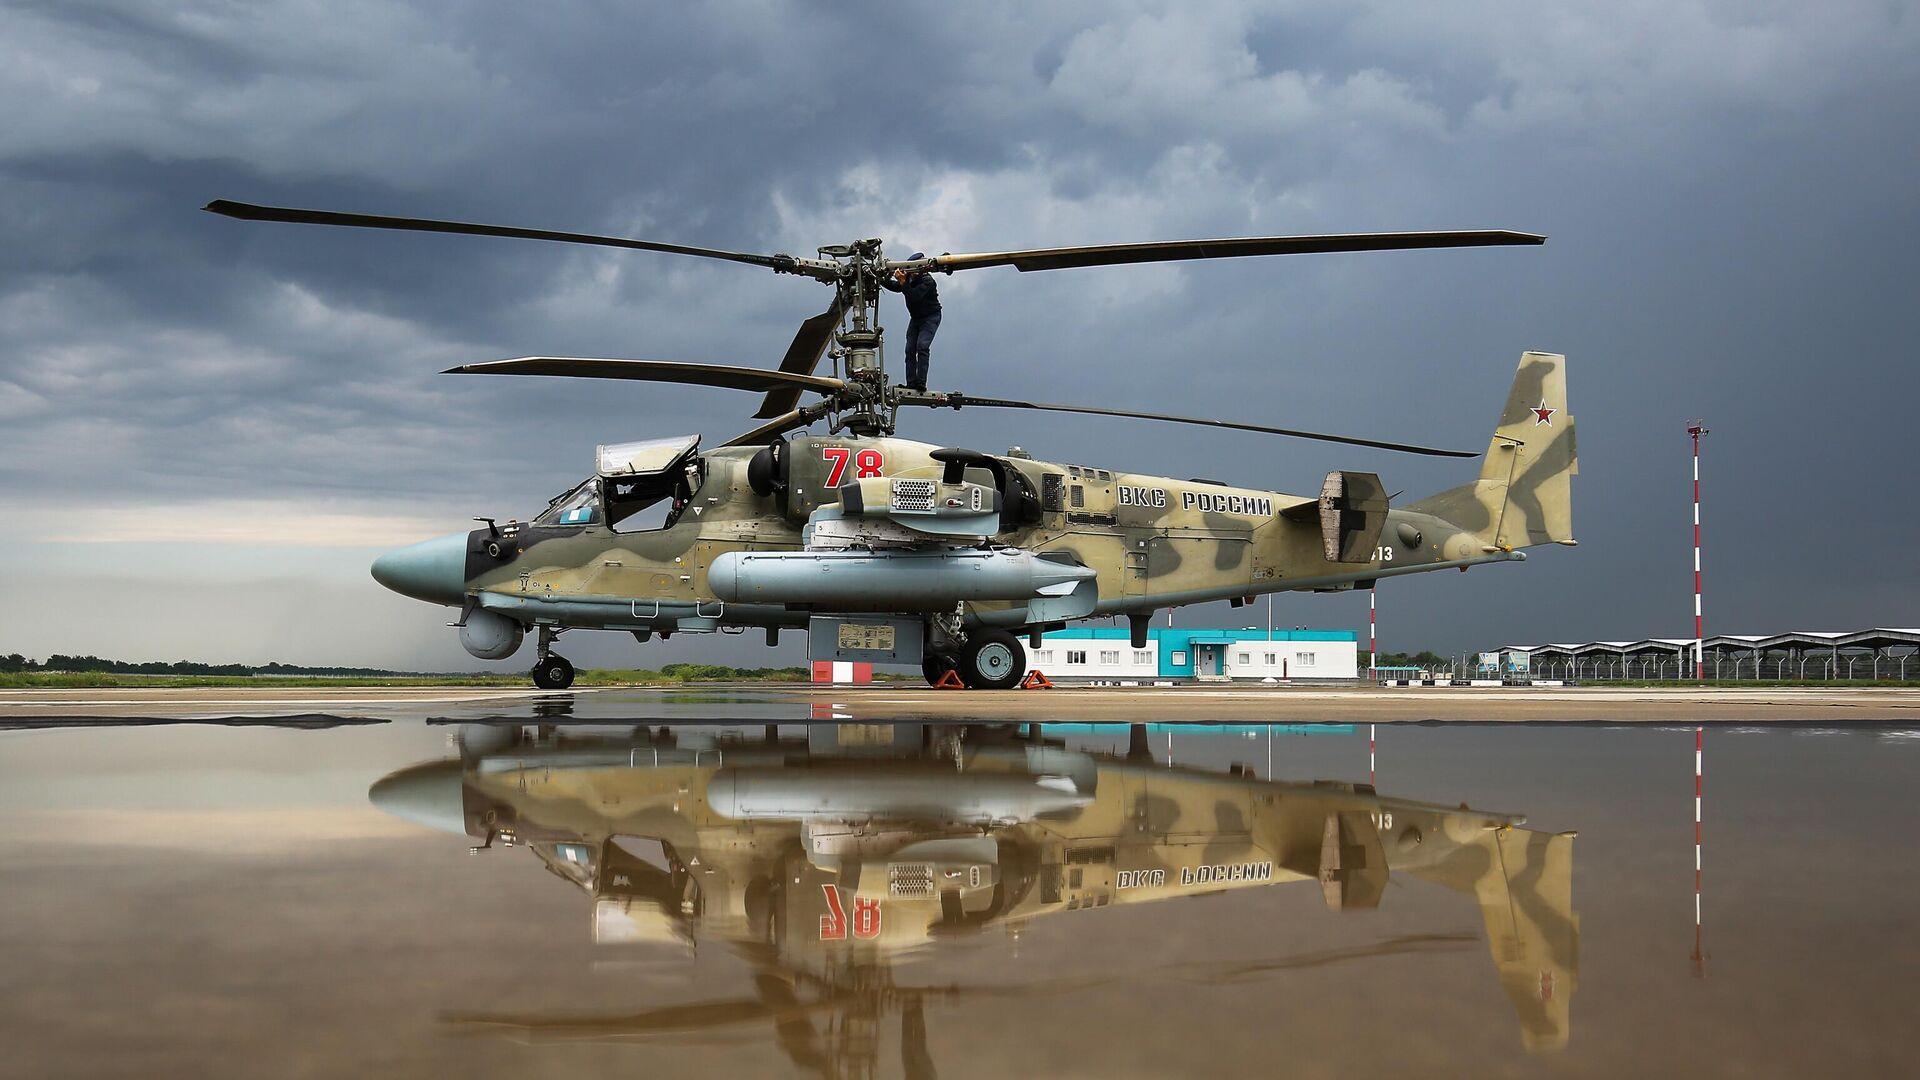 Ударный вертолет Ка-52 Аллигатор  - РИА Новости, 1920, 10.08.2020